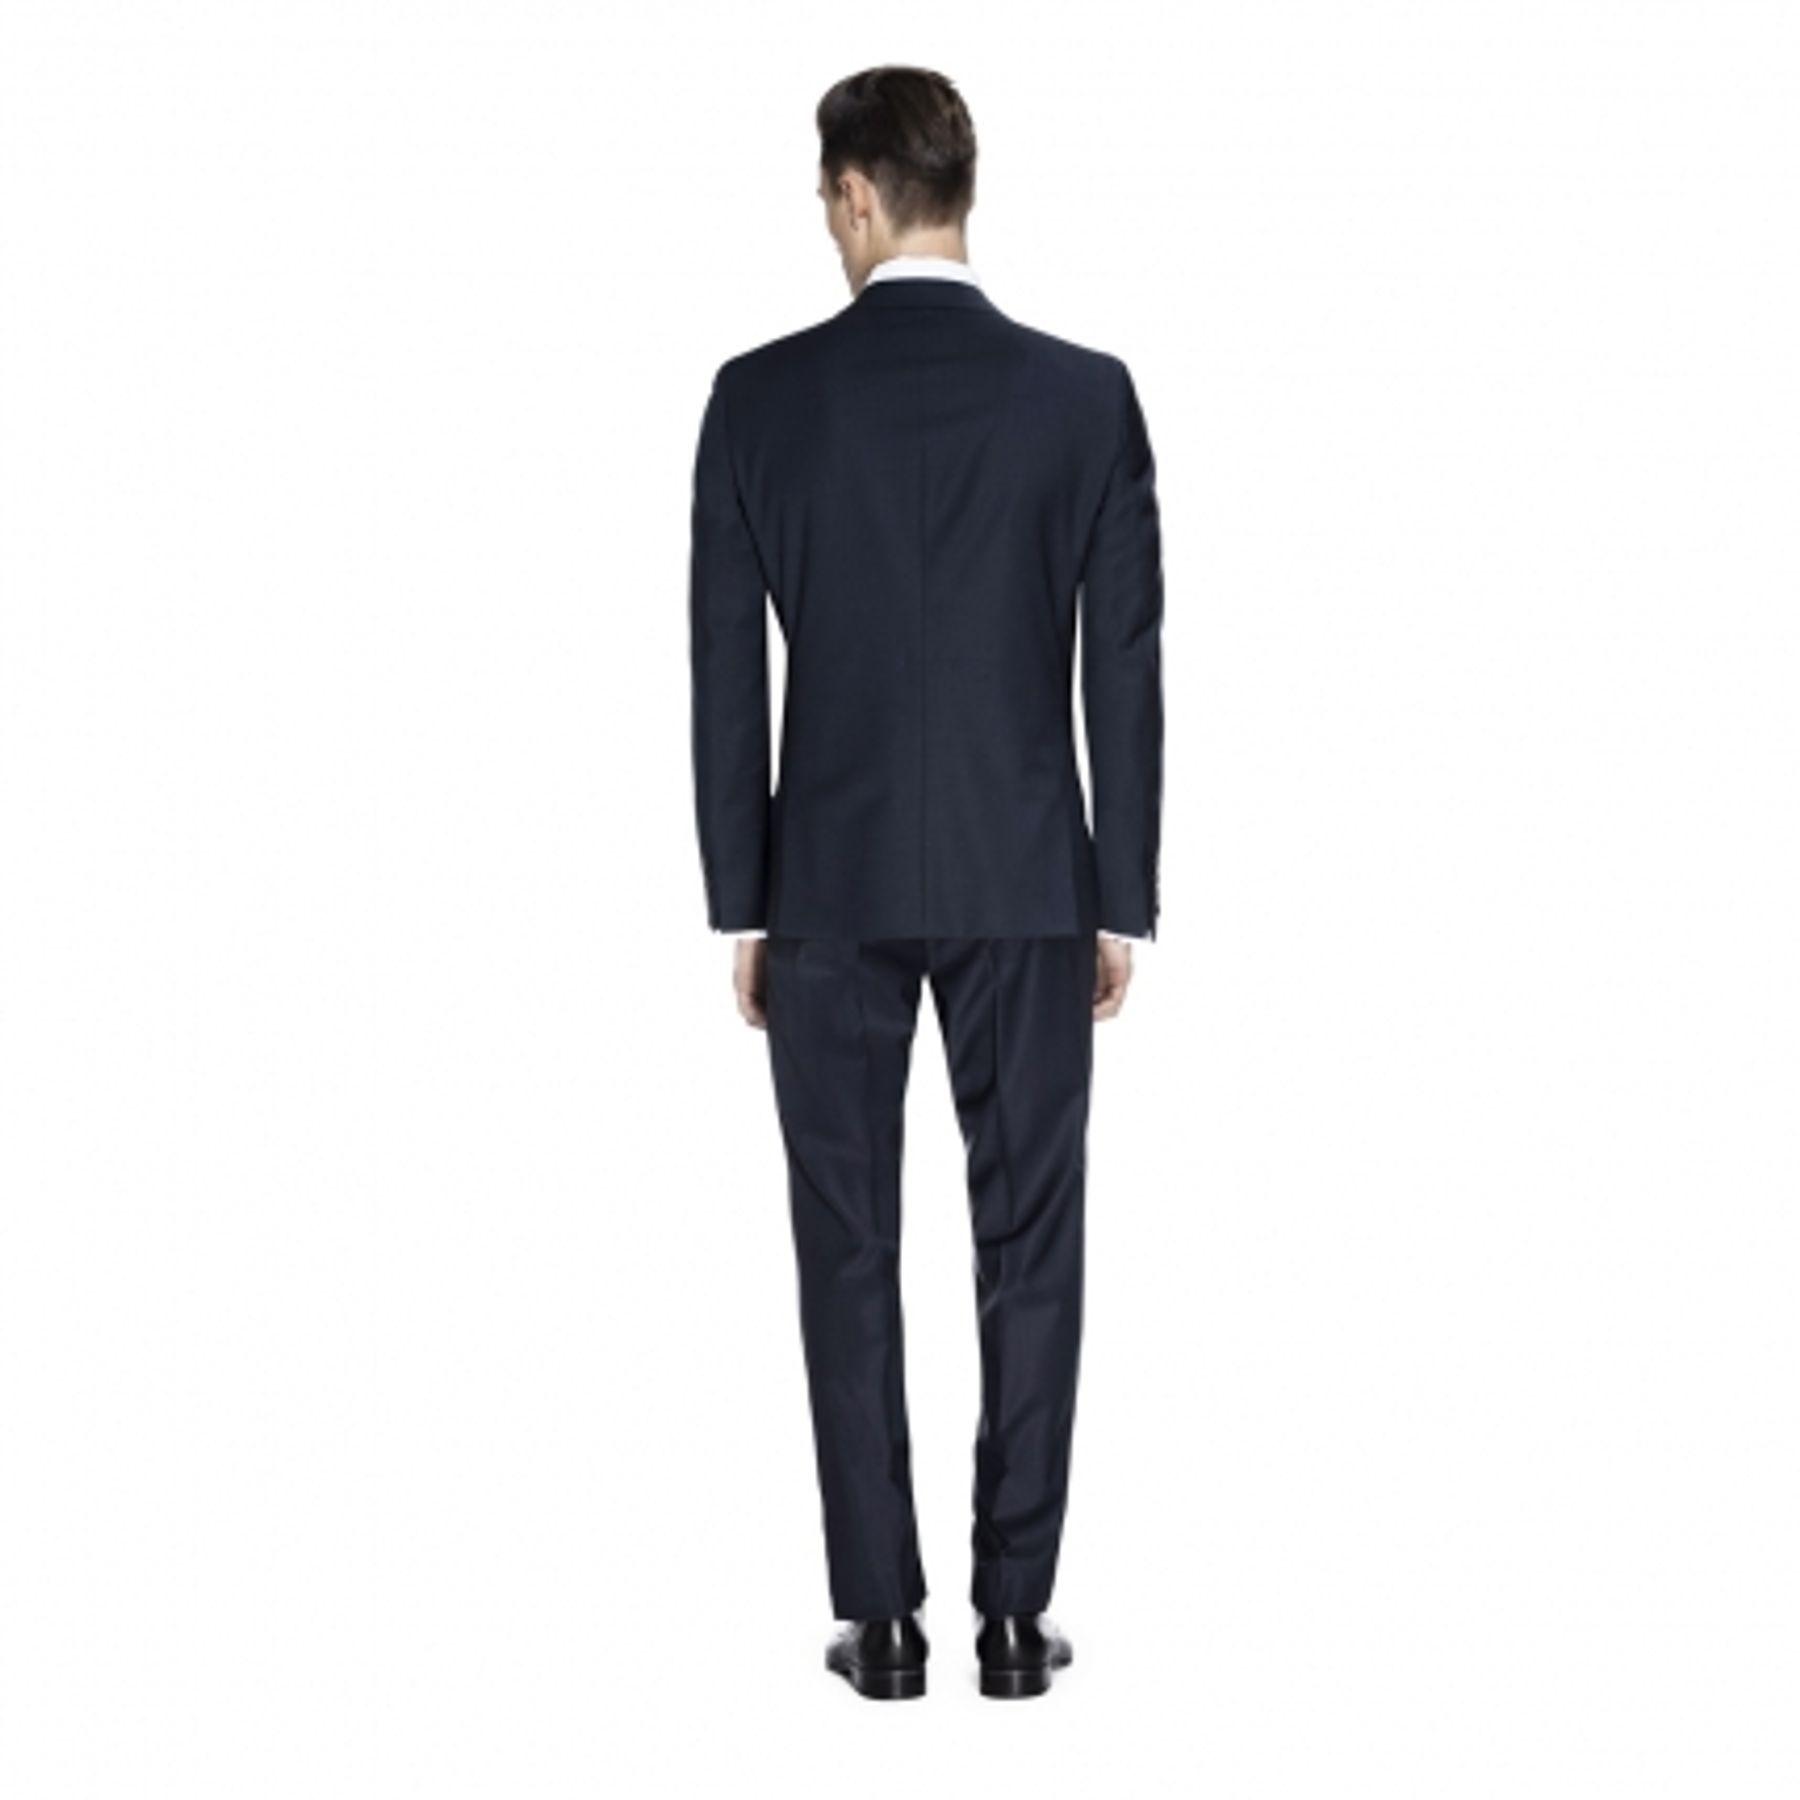 Benvenuto Purple - Slim Fit - Herren Baukasten Sakko für Jungen Trend-Anzug mit sehr schlankem Schnitt in Dunkelblau, Adrio (20657, Modell: 61370) – Bild 5